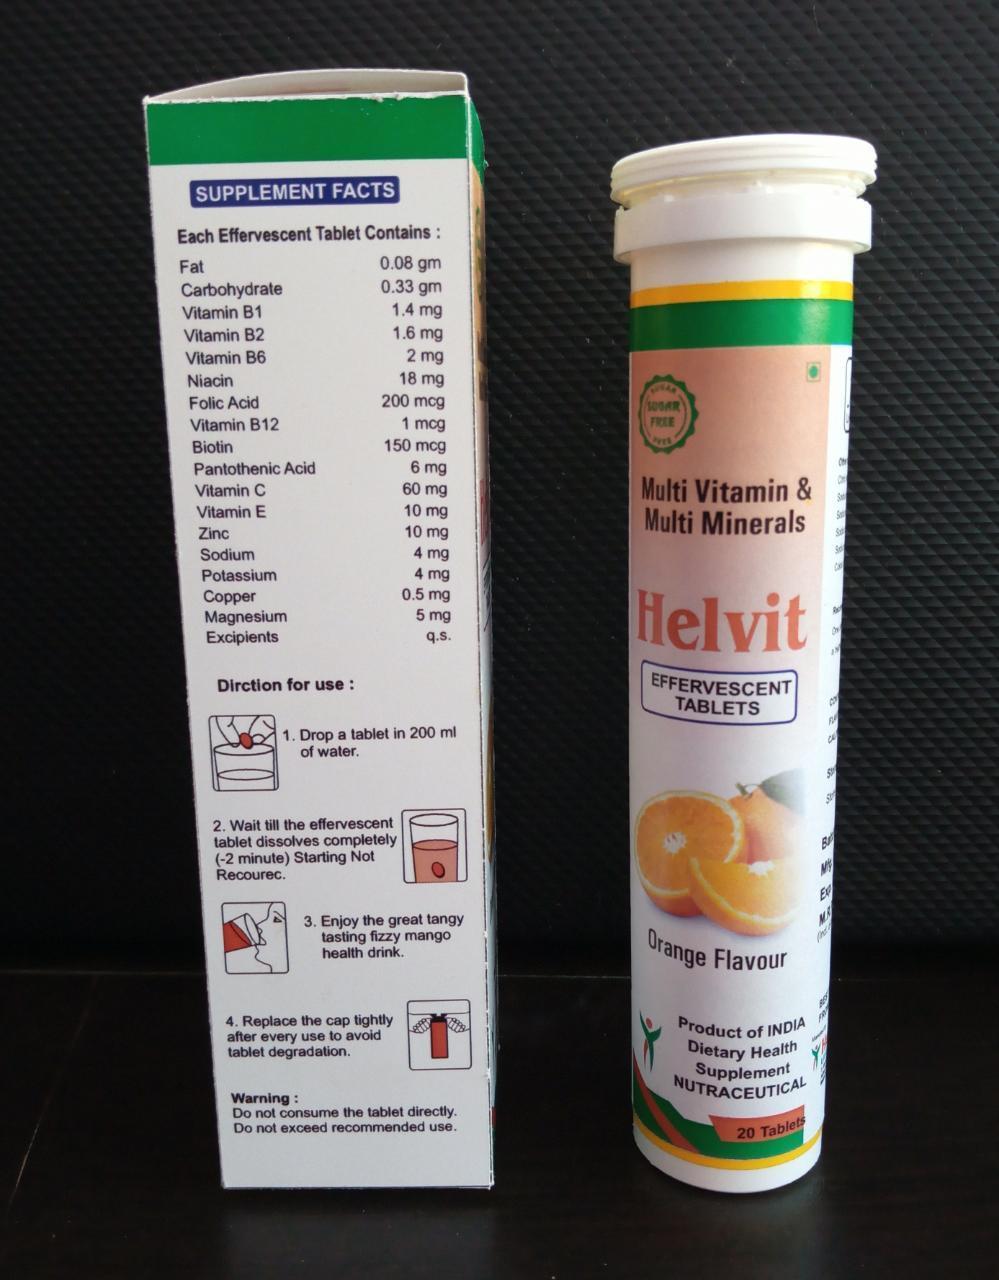 Multivitamin Effervescent Tablet